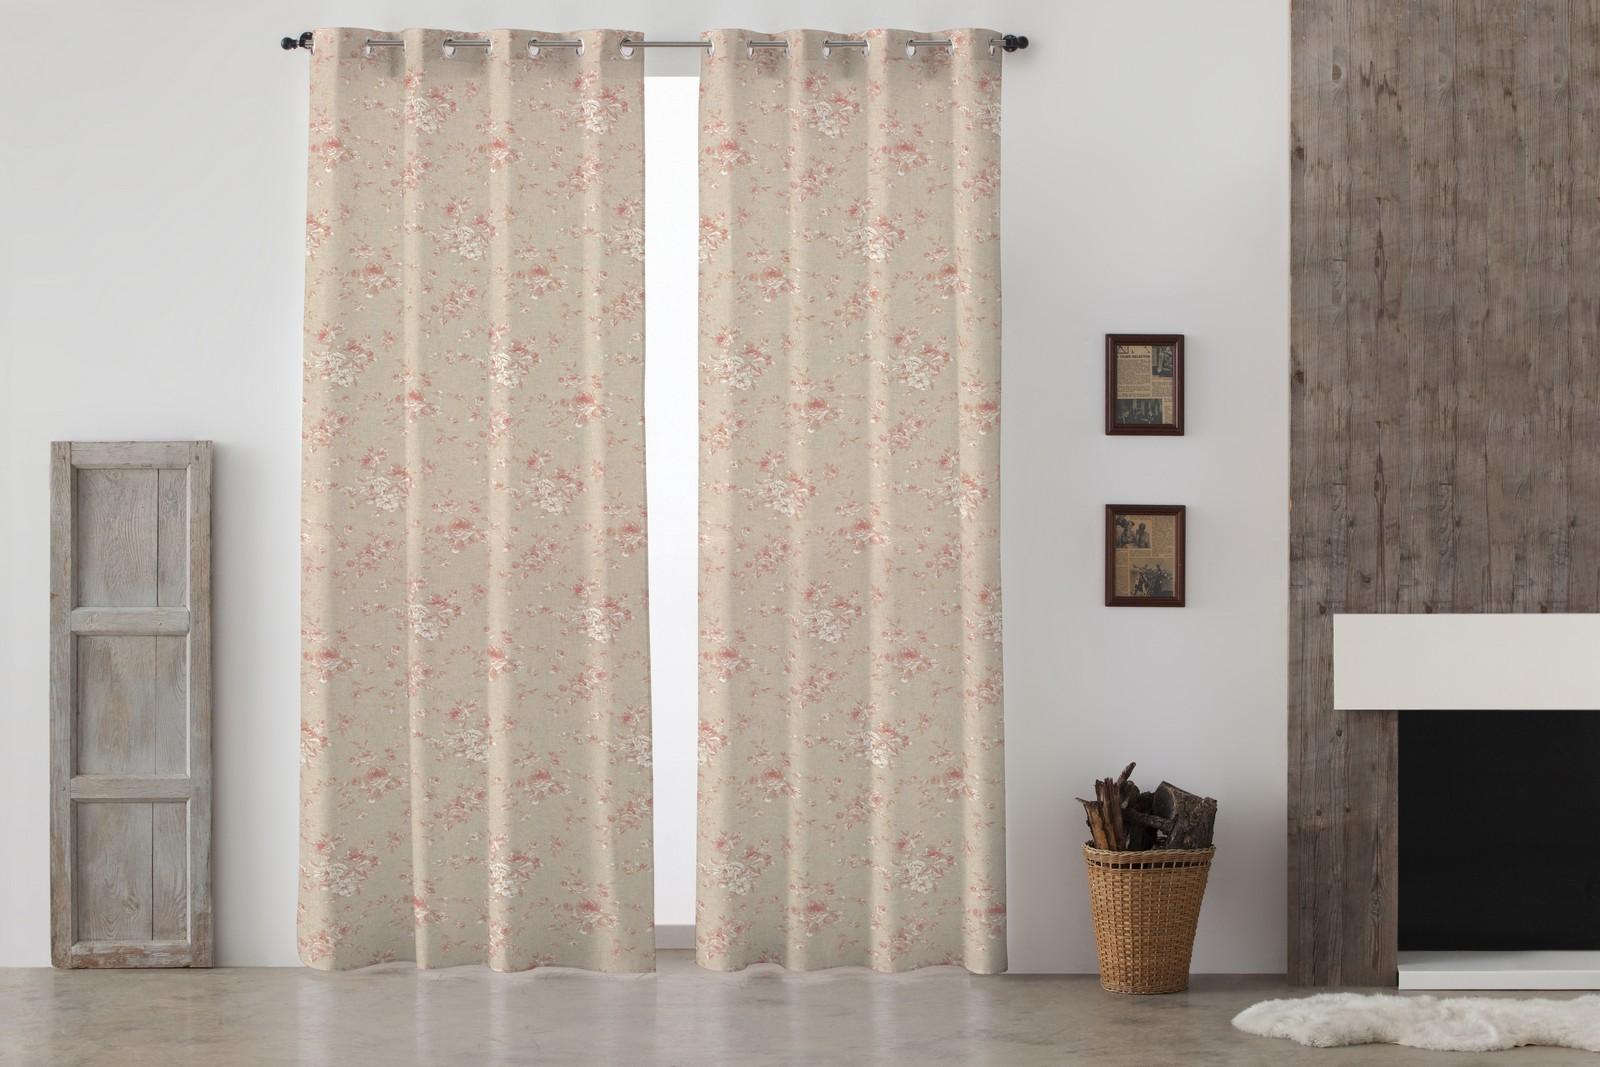 cortinas con ojales y flores rojas french vintage de lino y algodn - Cortinas Lino